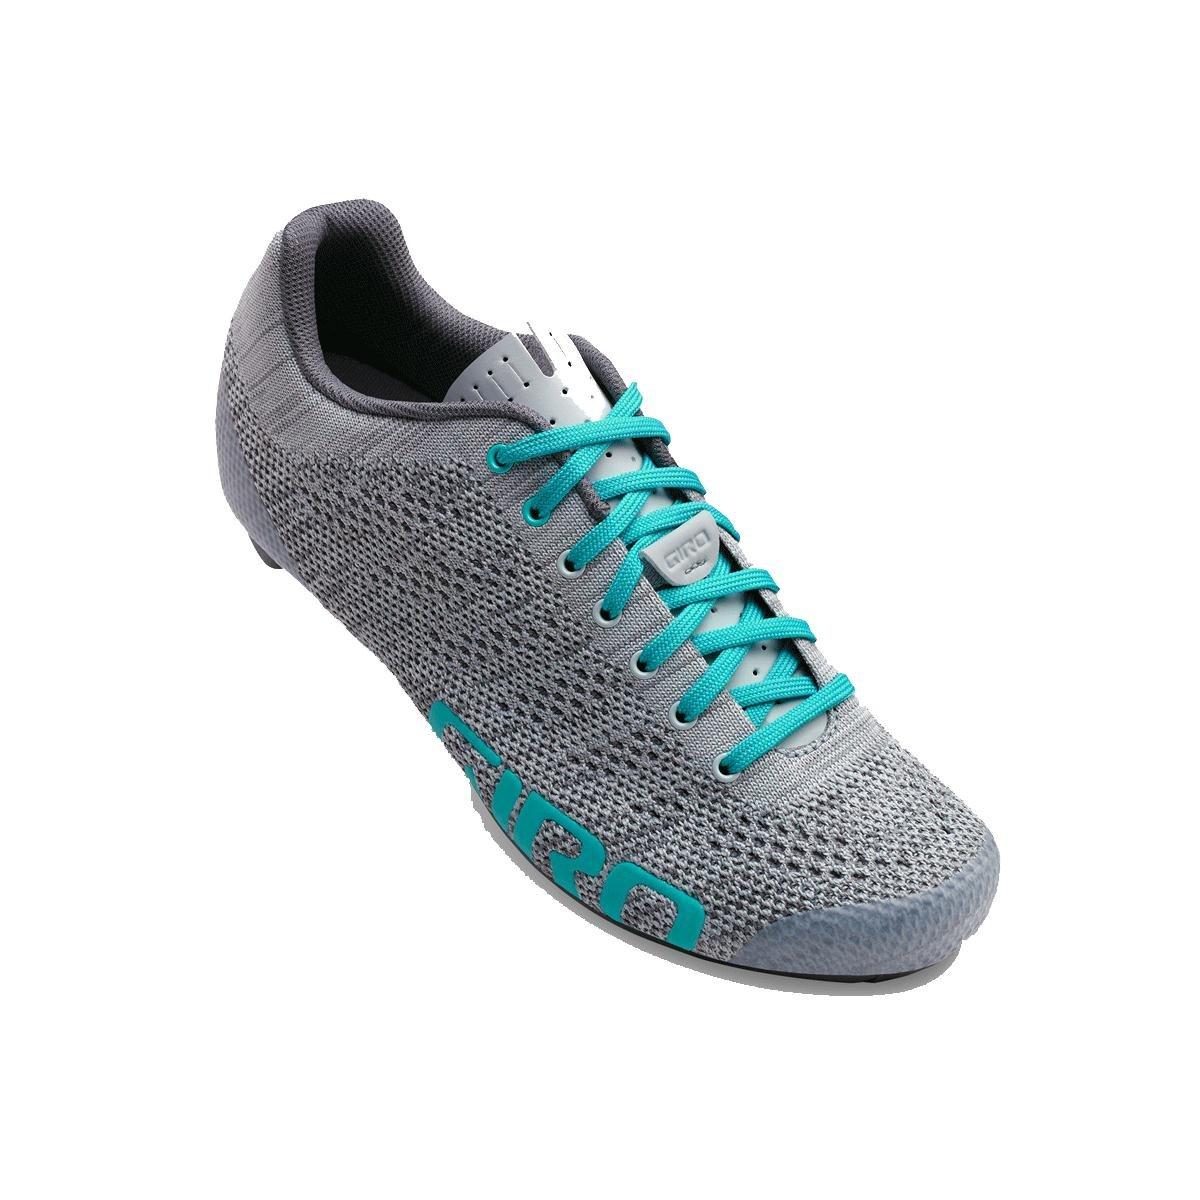 Giro Empire E70 Knit Cycling Shoes - Women's 7090163